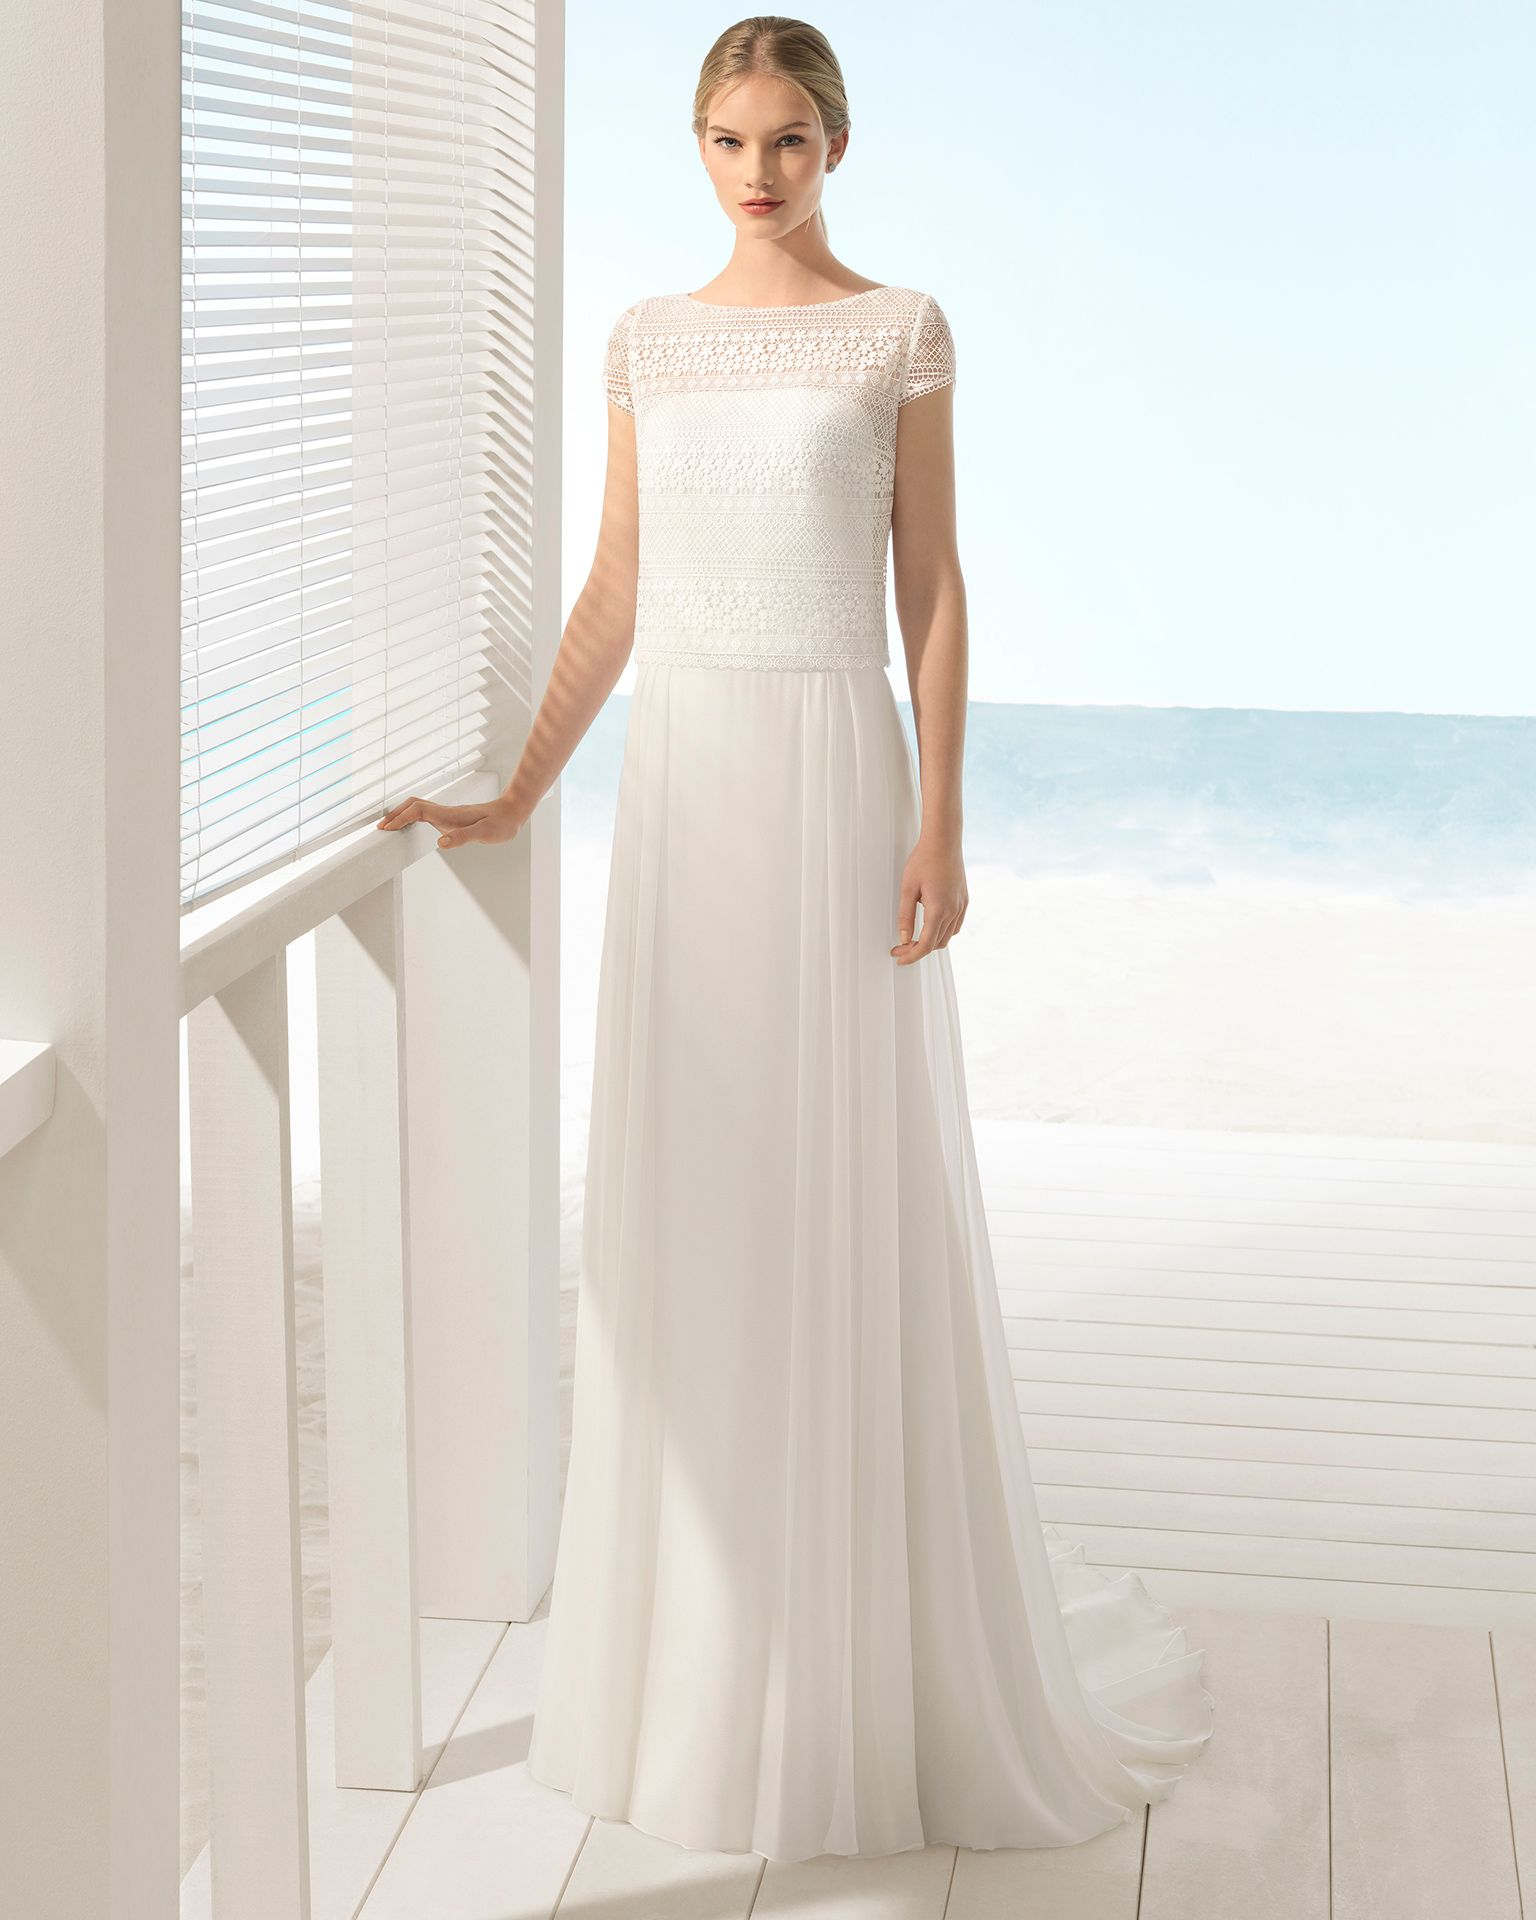 Dreiteiliges Boho-Brautkleid aus Seidenchiffon und Guipure-Spitze ...